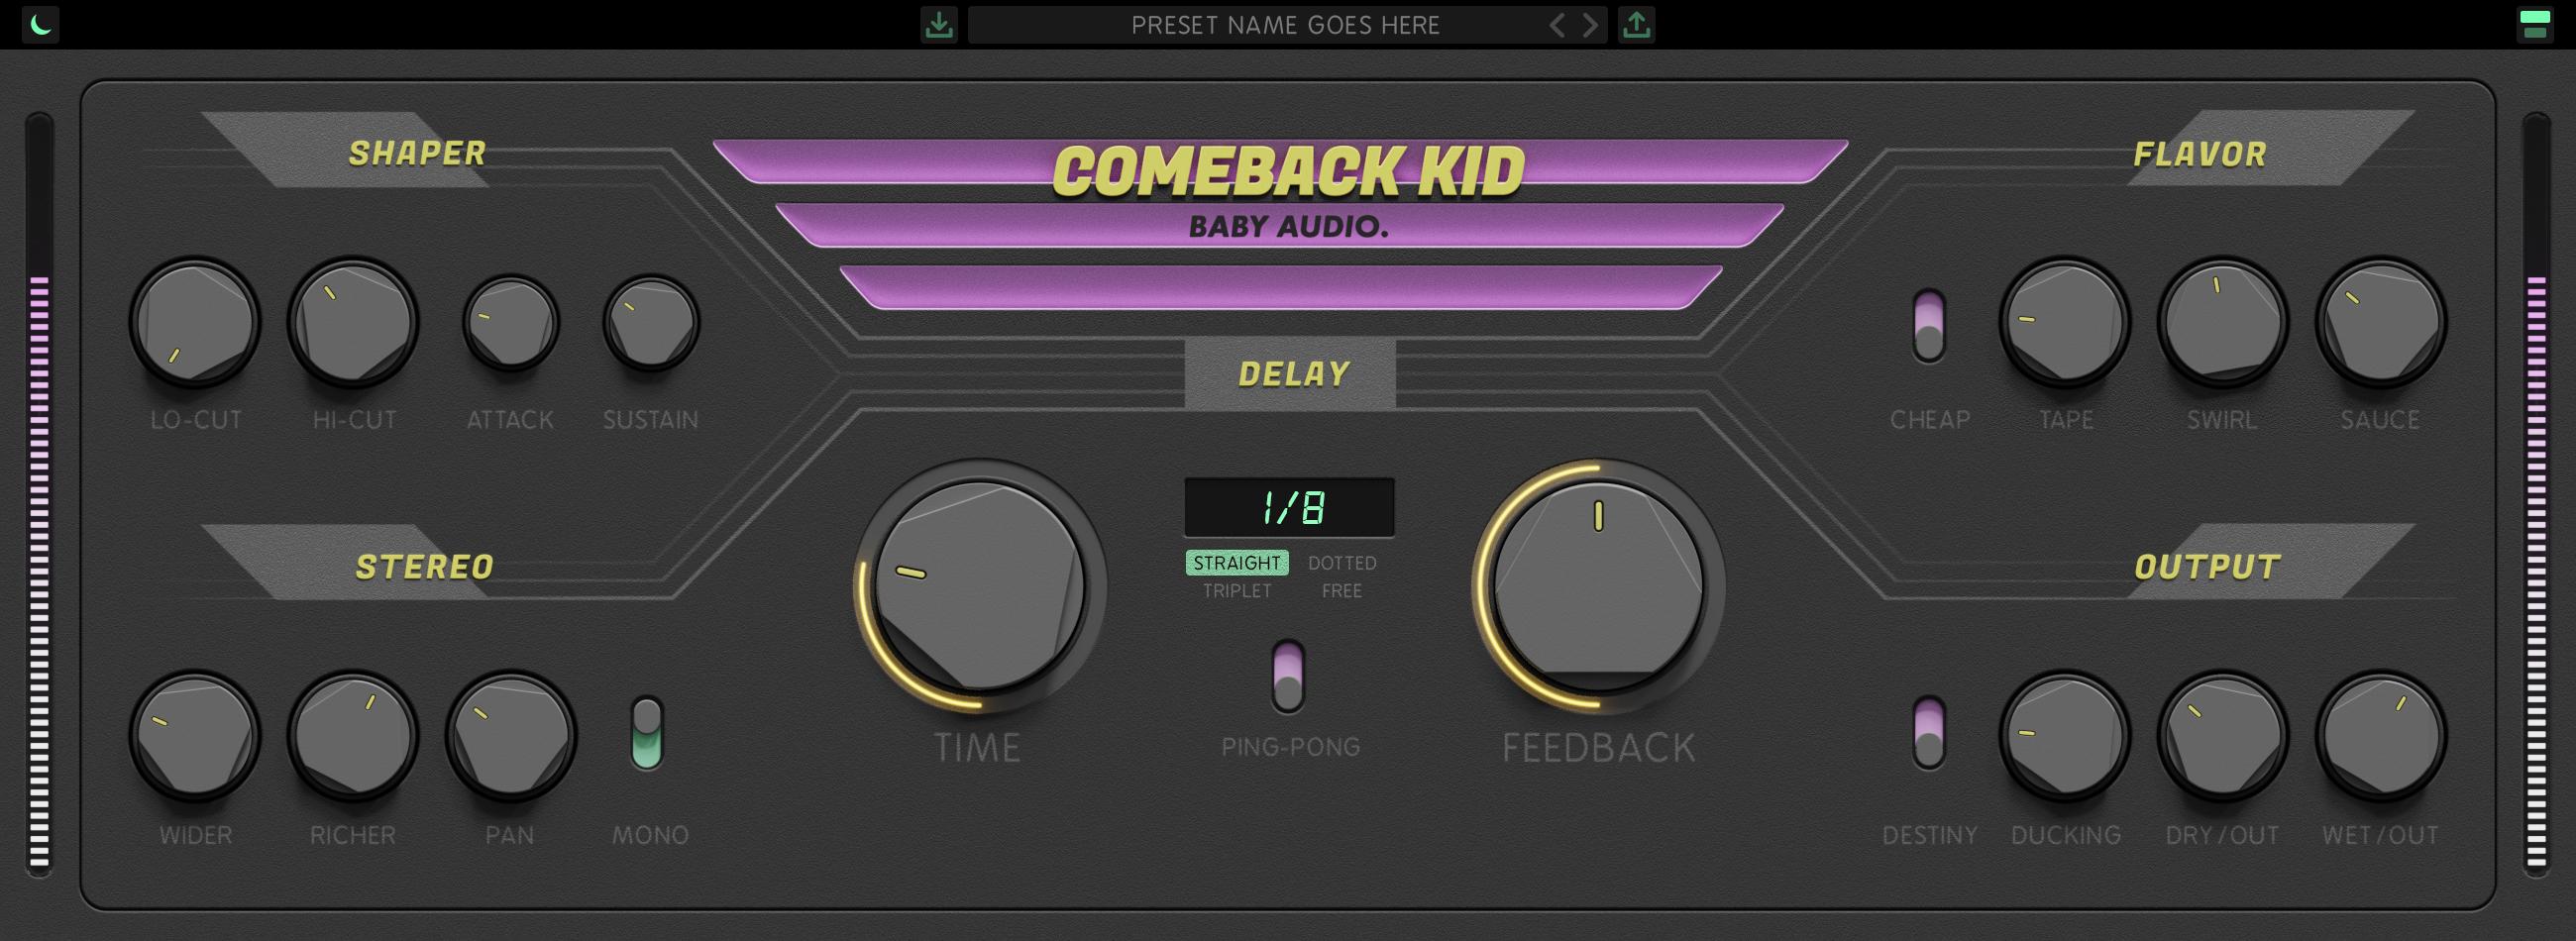 N/A - Comeback Kid